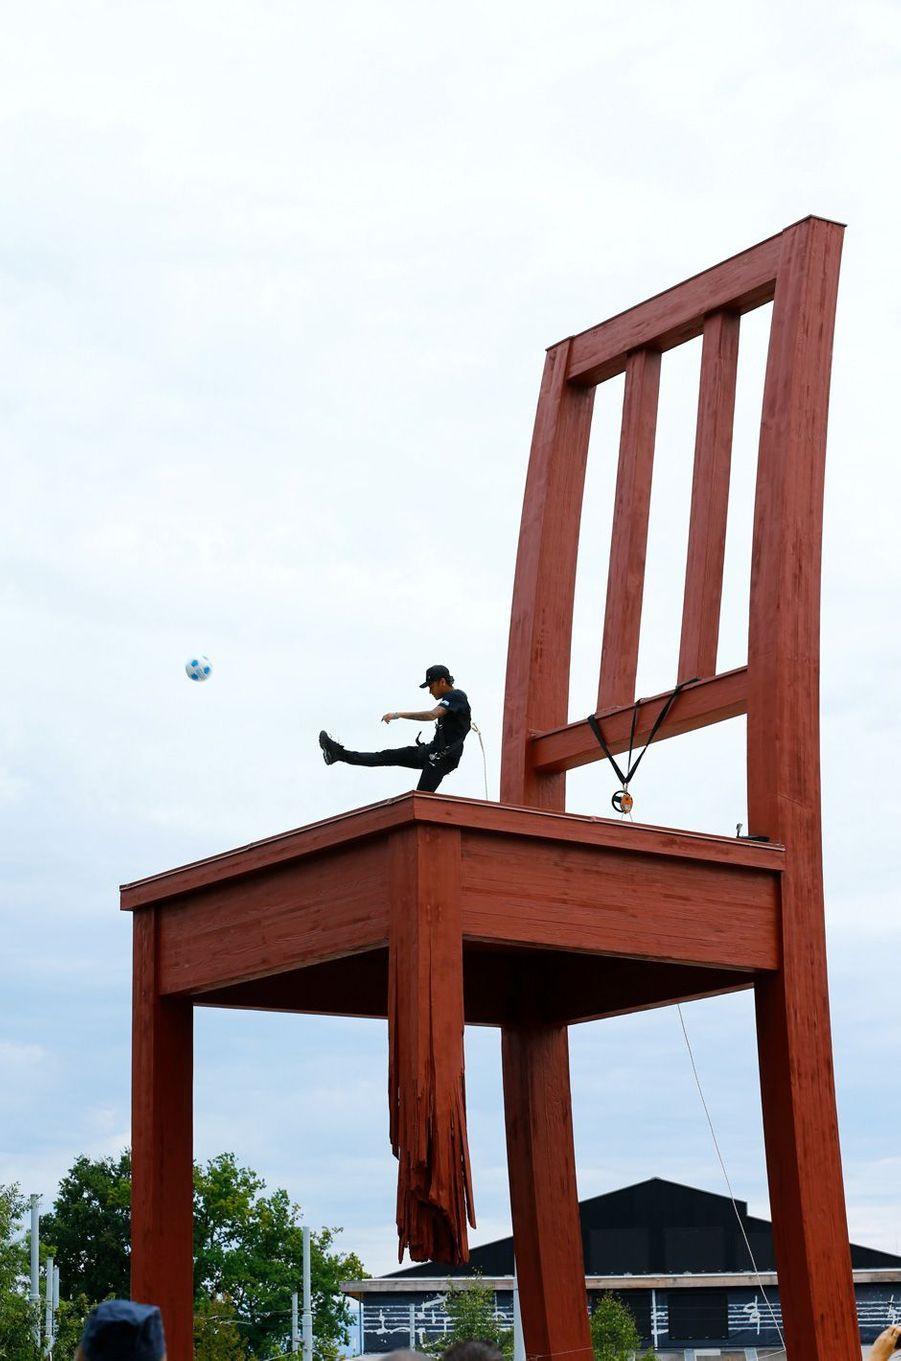 Neymar jonglant avec un ballon sur la «Broken Chair», une immense sculpture représentant une chaise dont l'un des pieds est amputé et érigée sur la place des Nations.